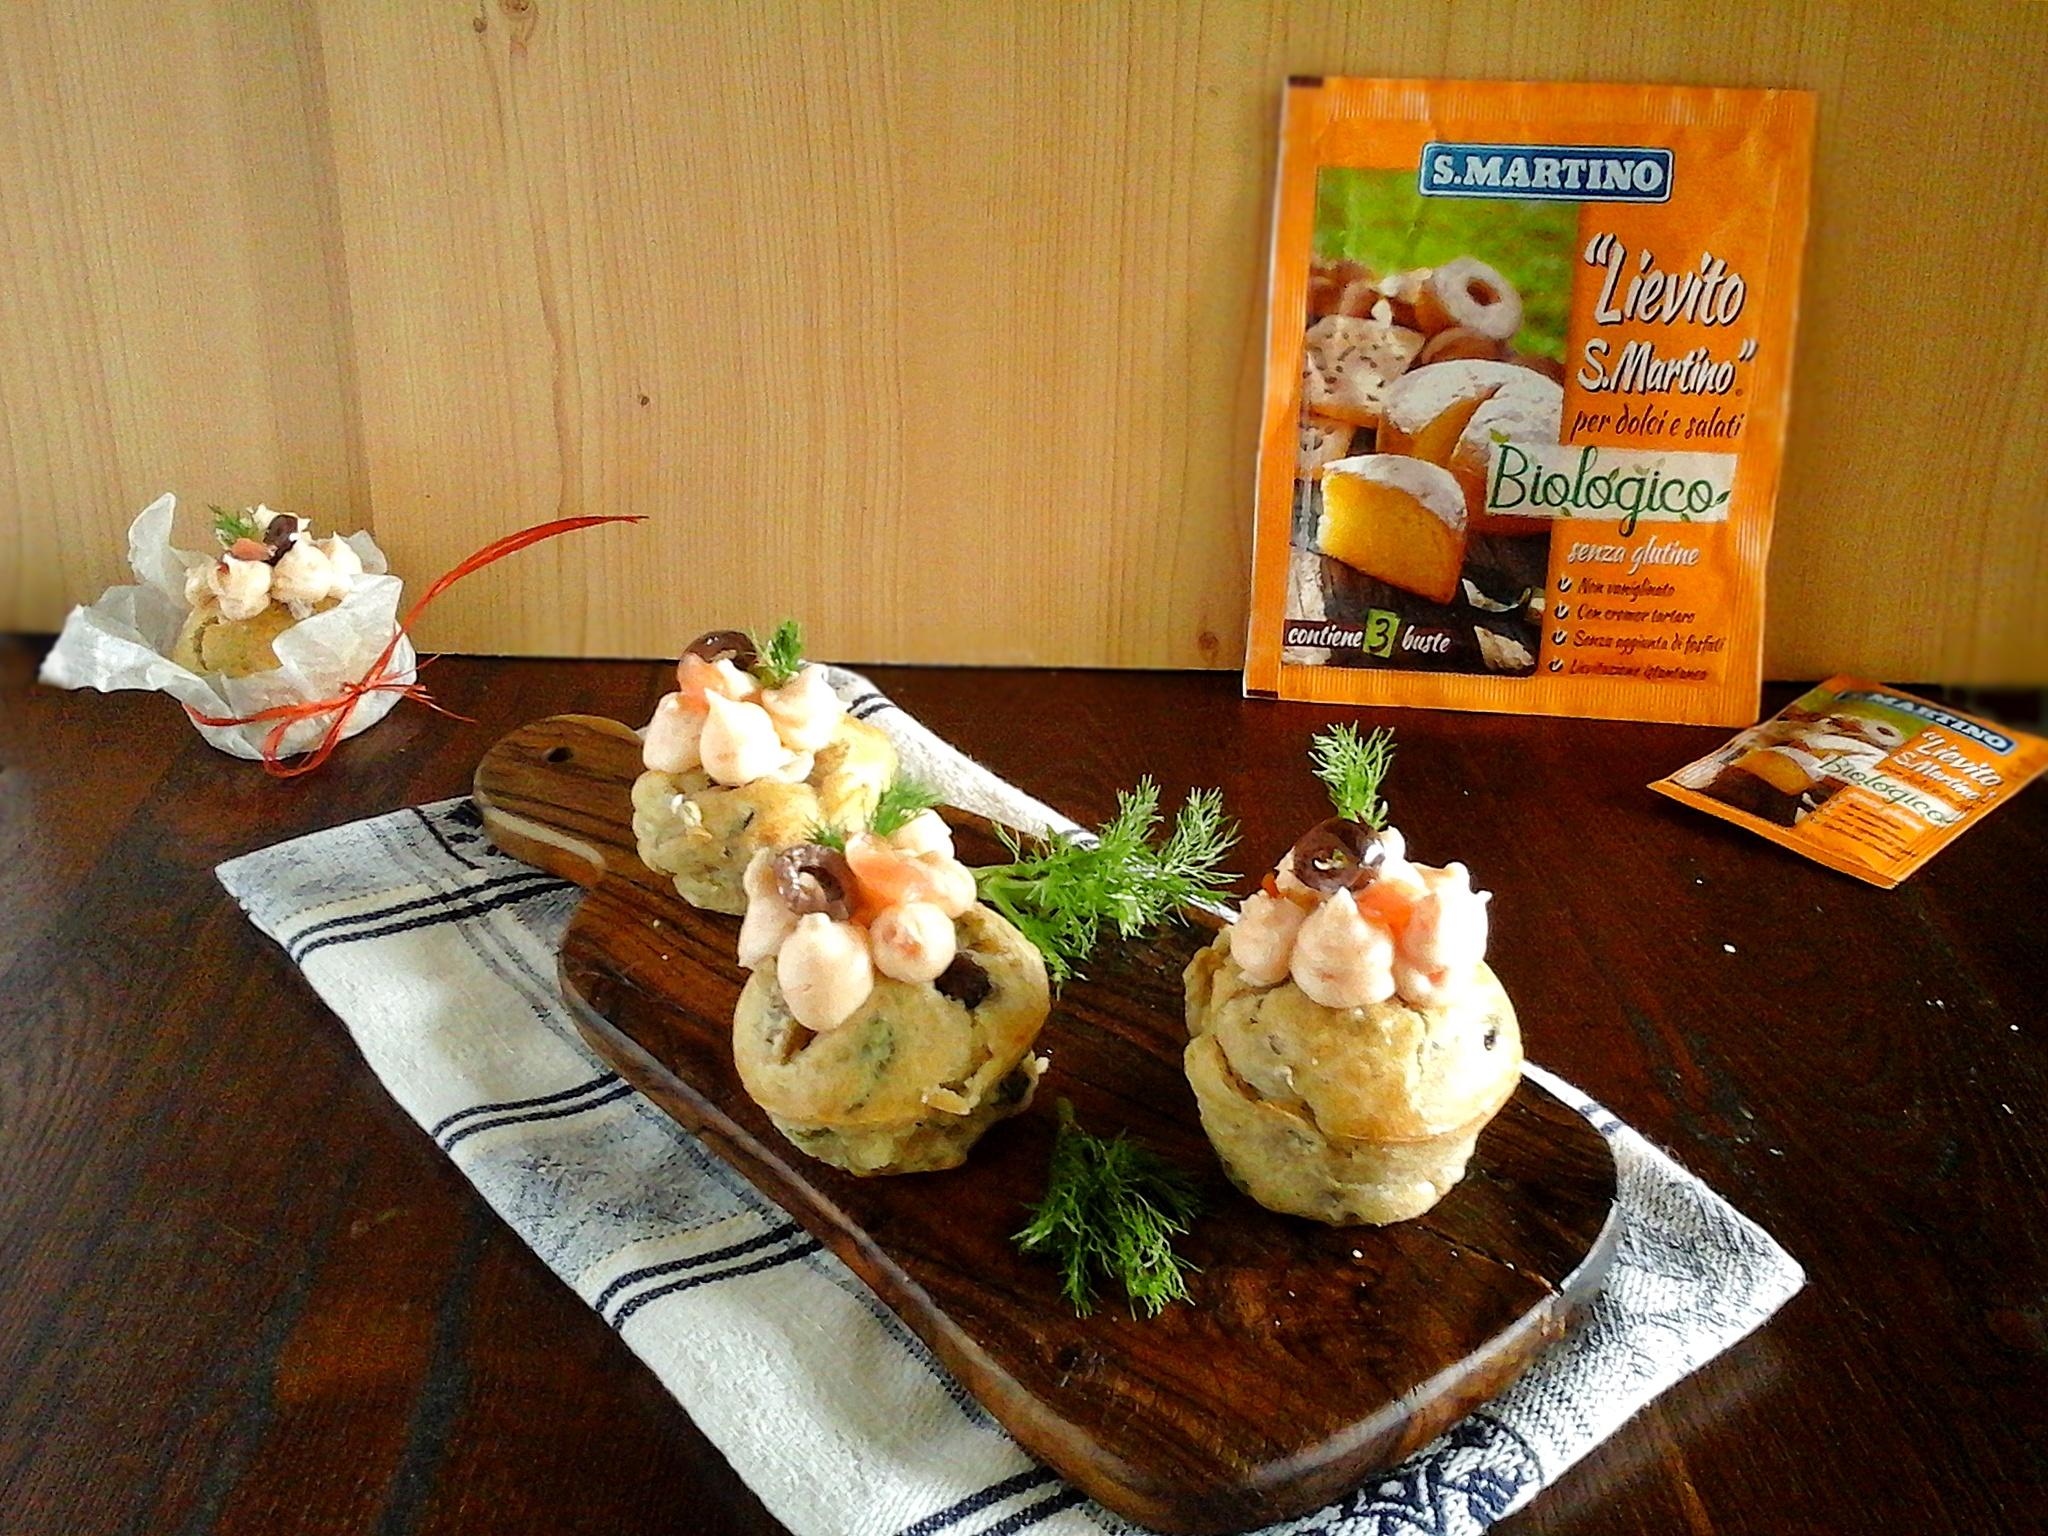 Muffins finocchi olive con topping al salmone